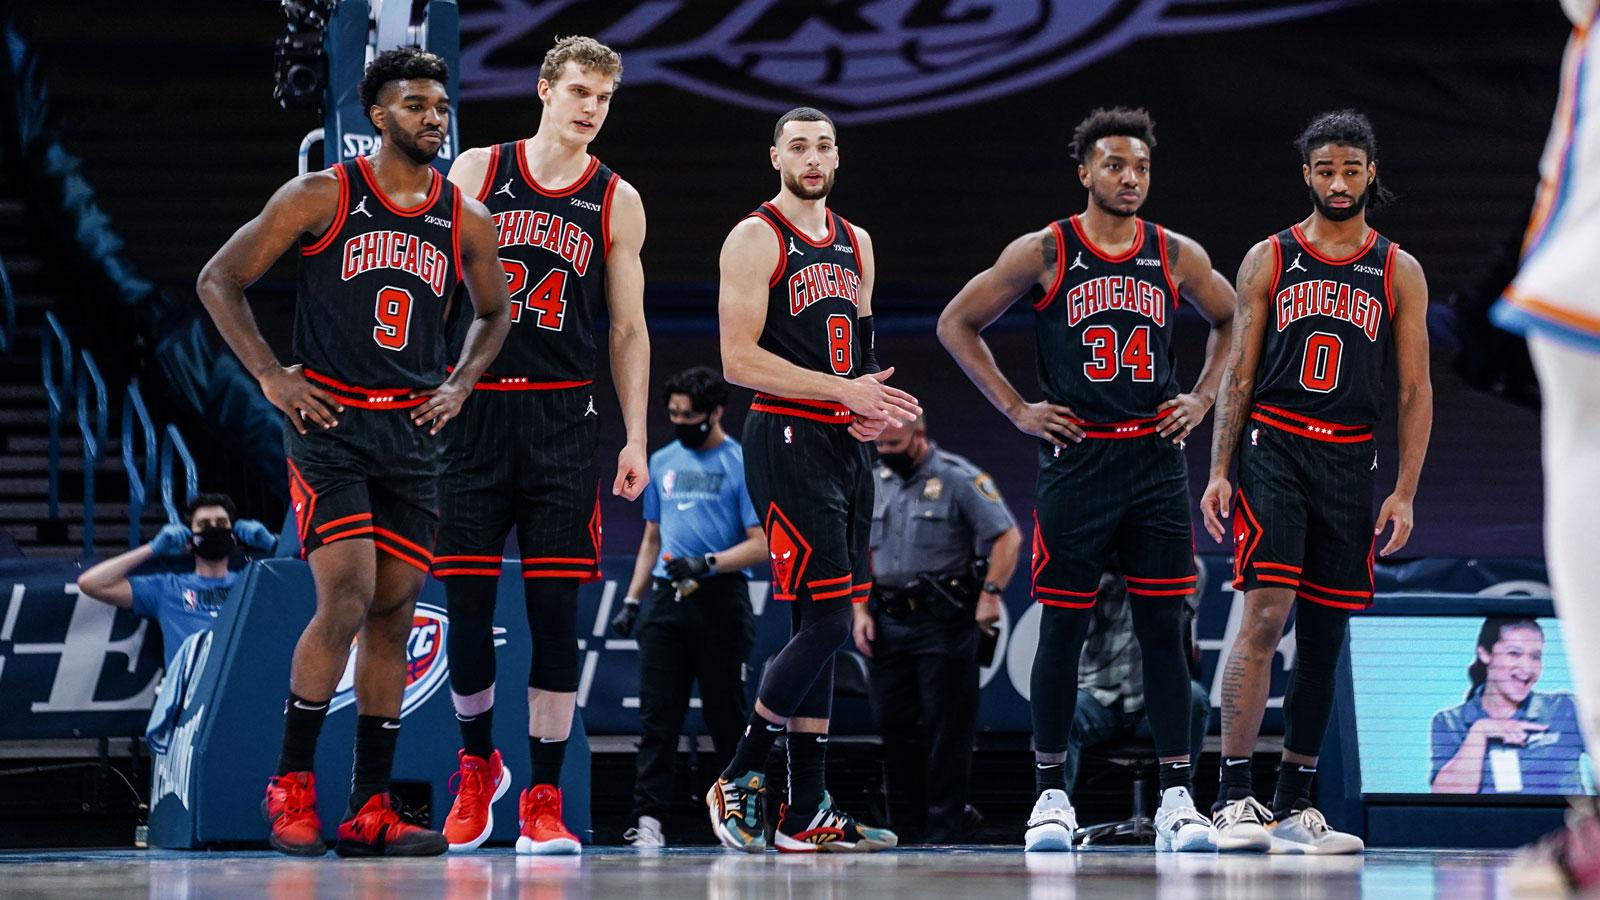 Bulls membutuh kan wendel dan lauri markkanen untuk memperkuat tim mereka.